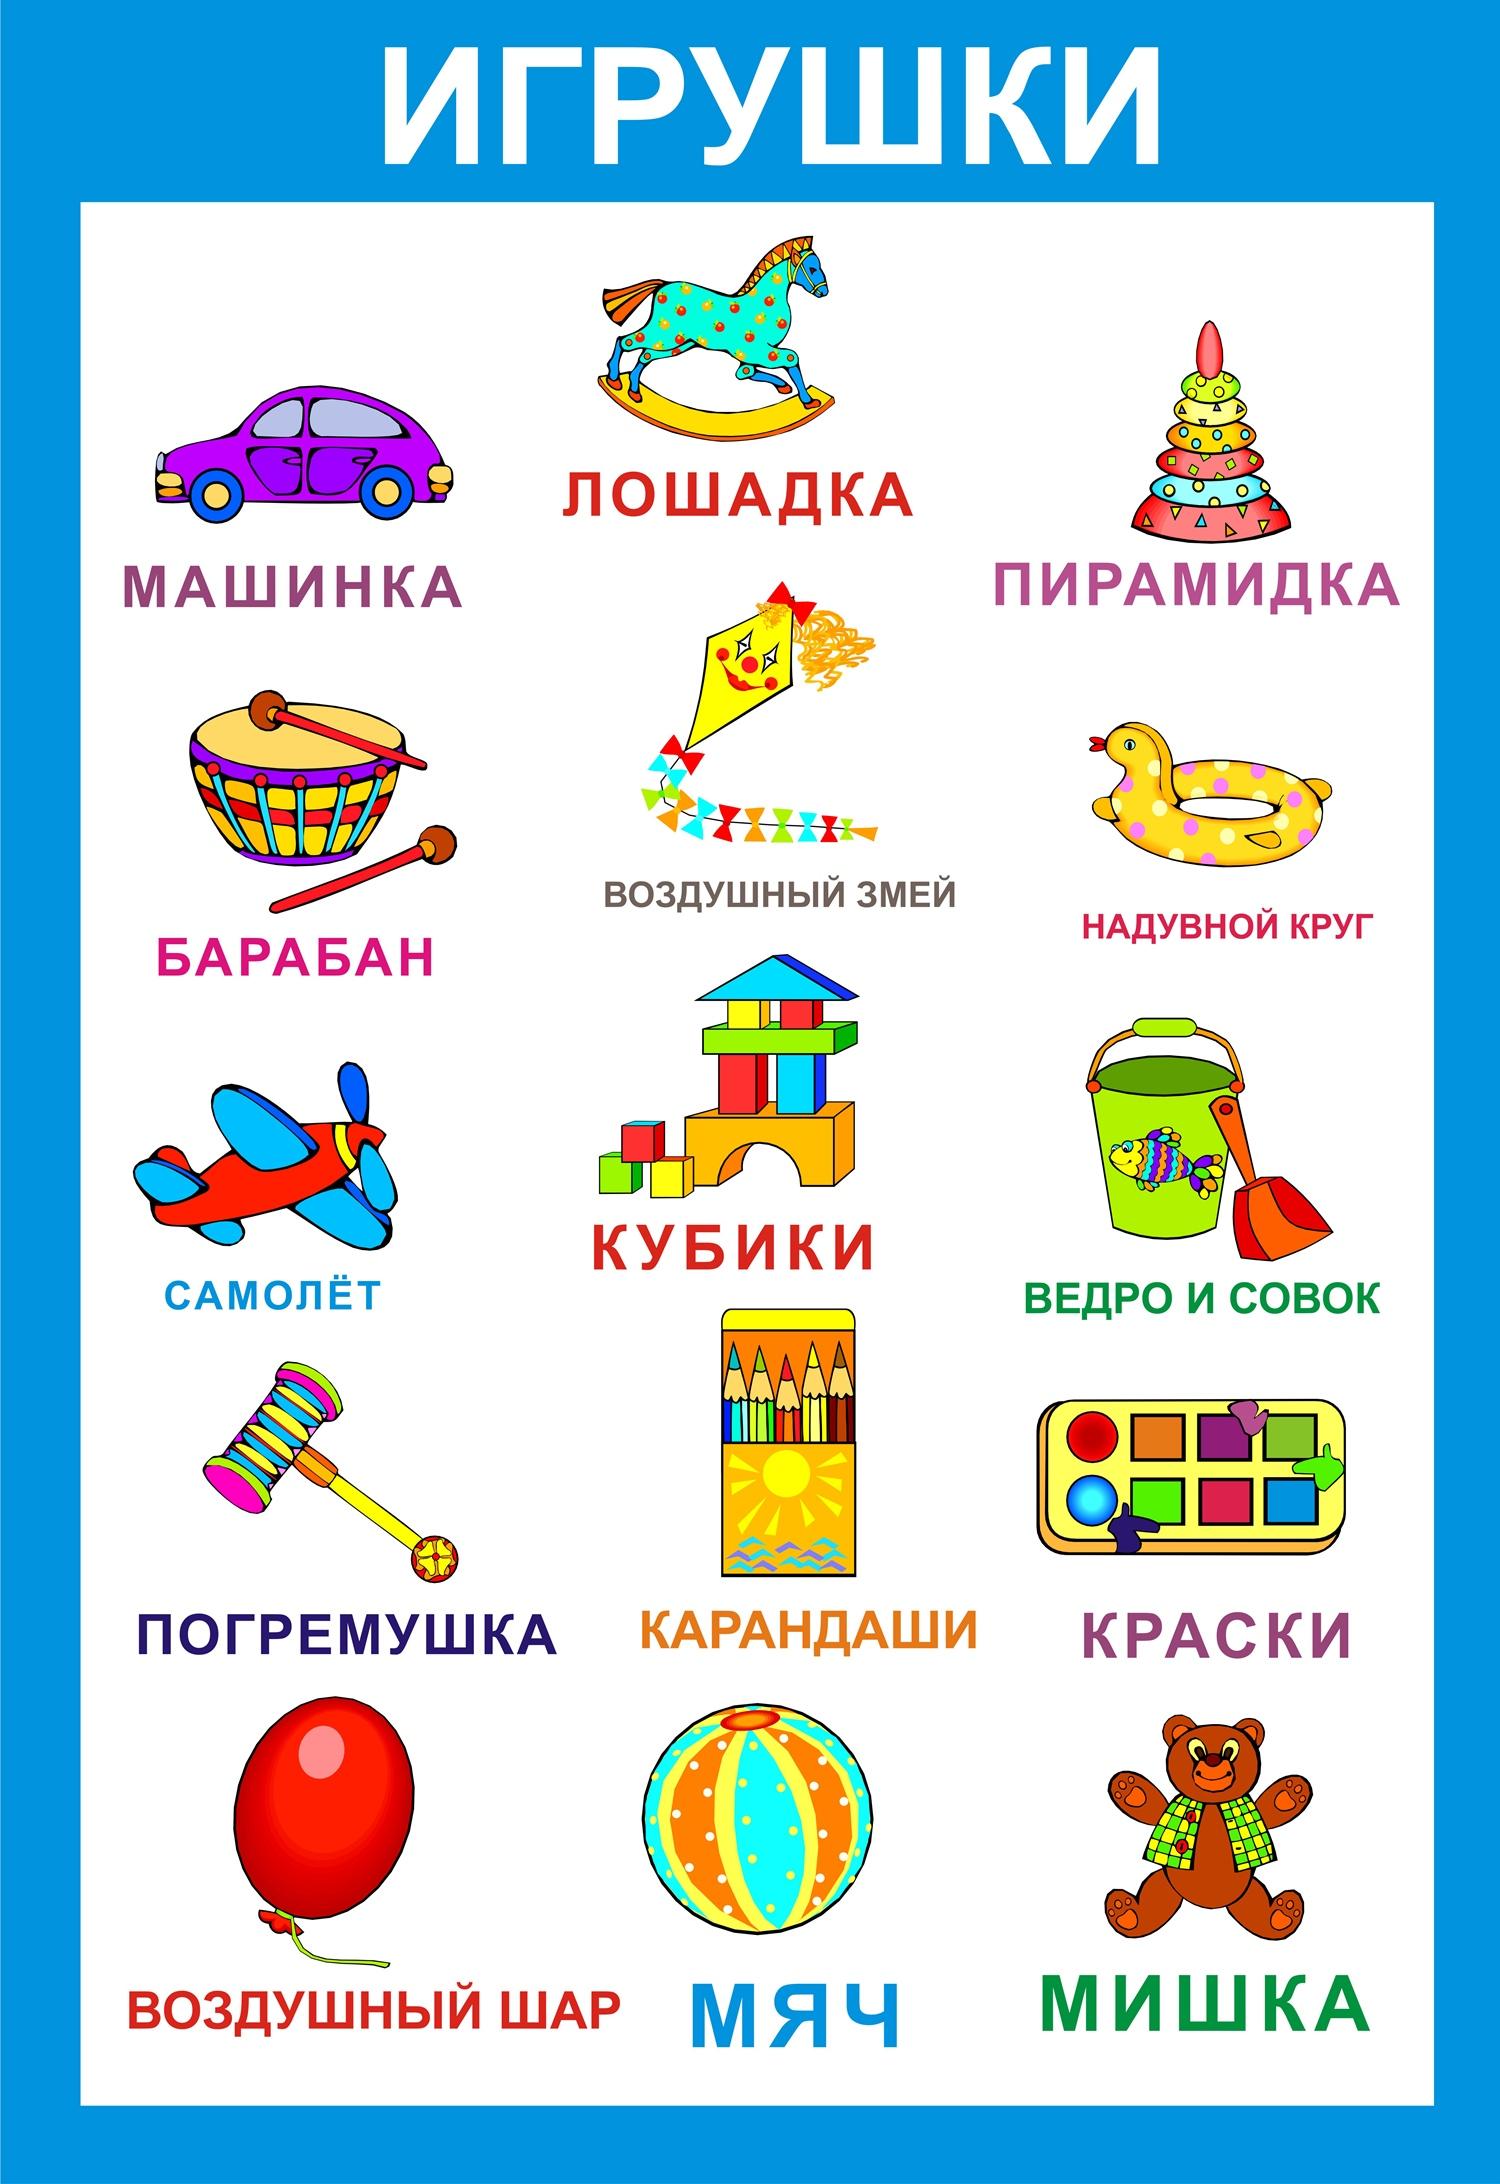 Детские игрушки в детский сад (стенгазета)